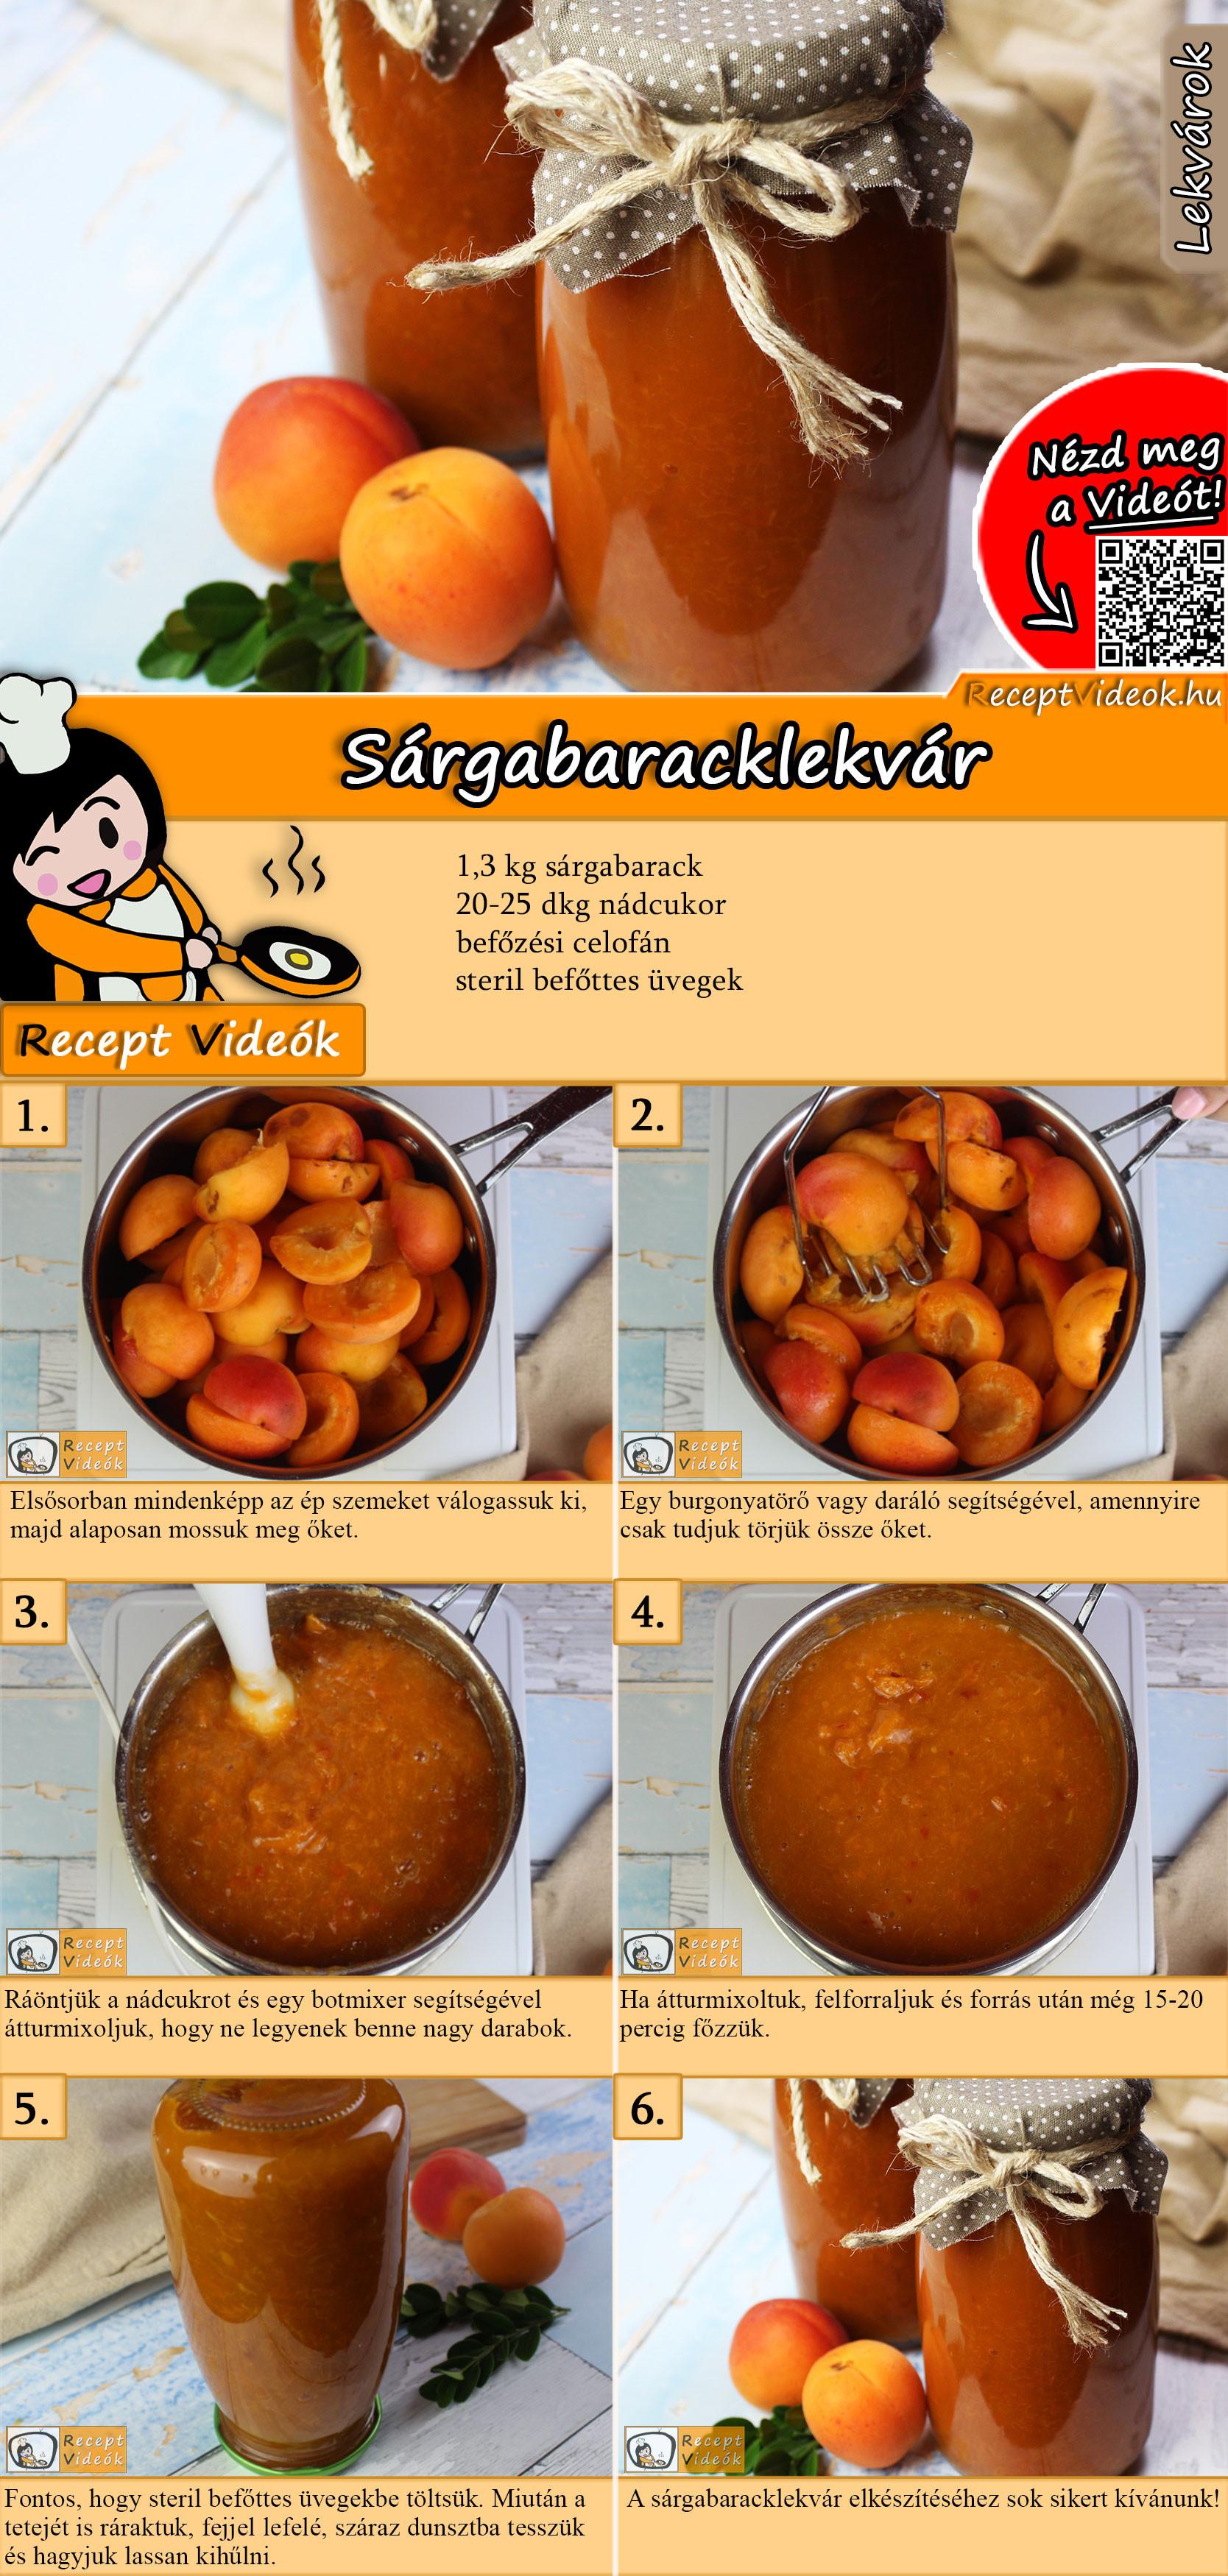 Sárgabaracklekvár recept elkészítése videóval